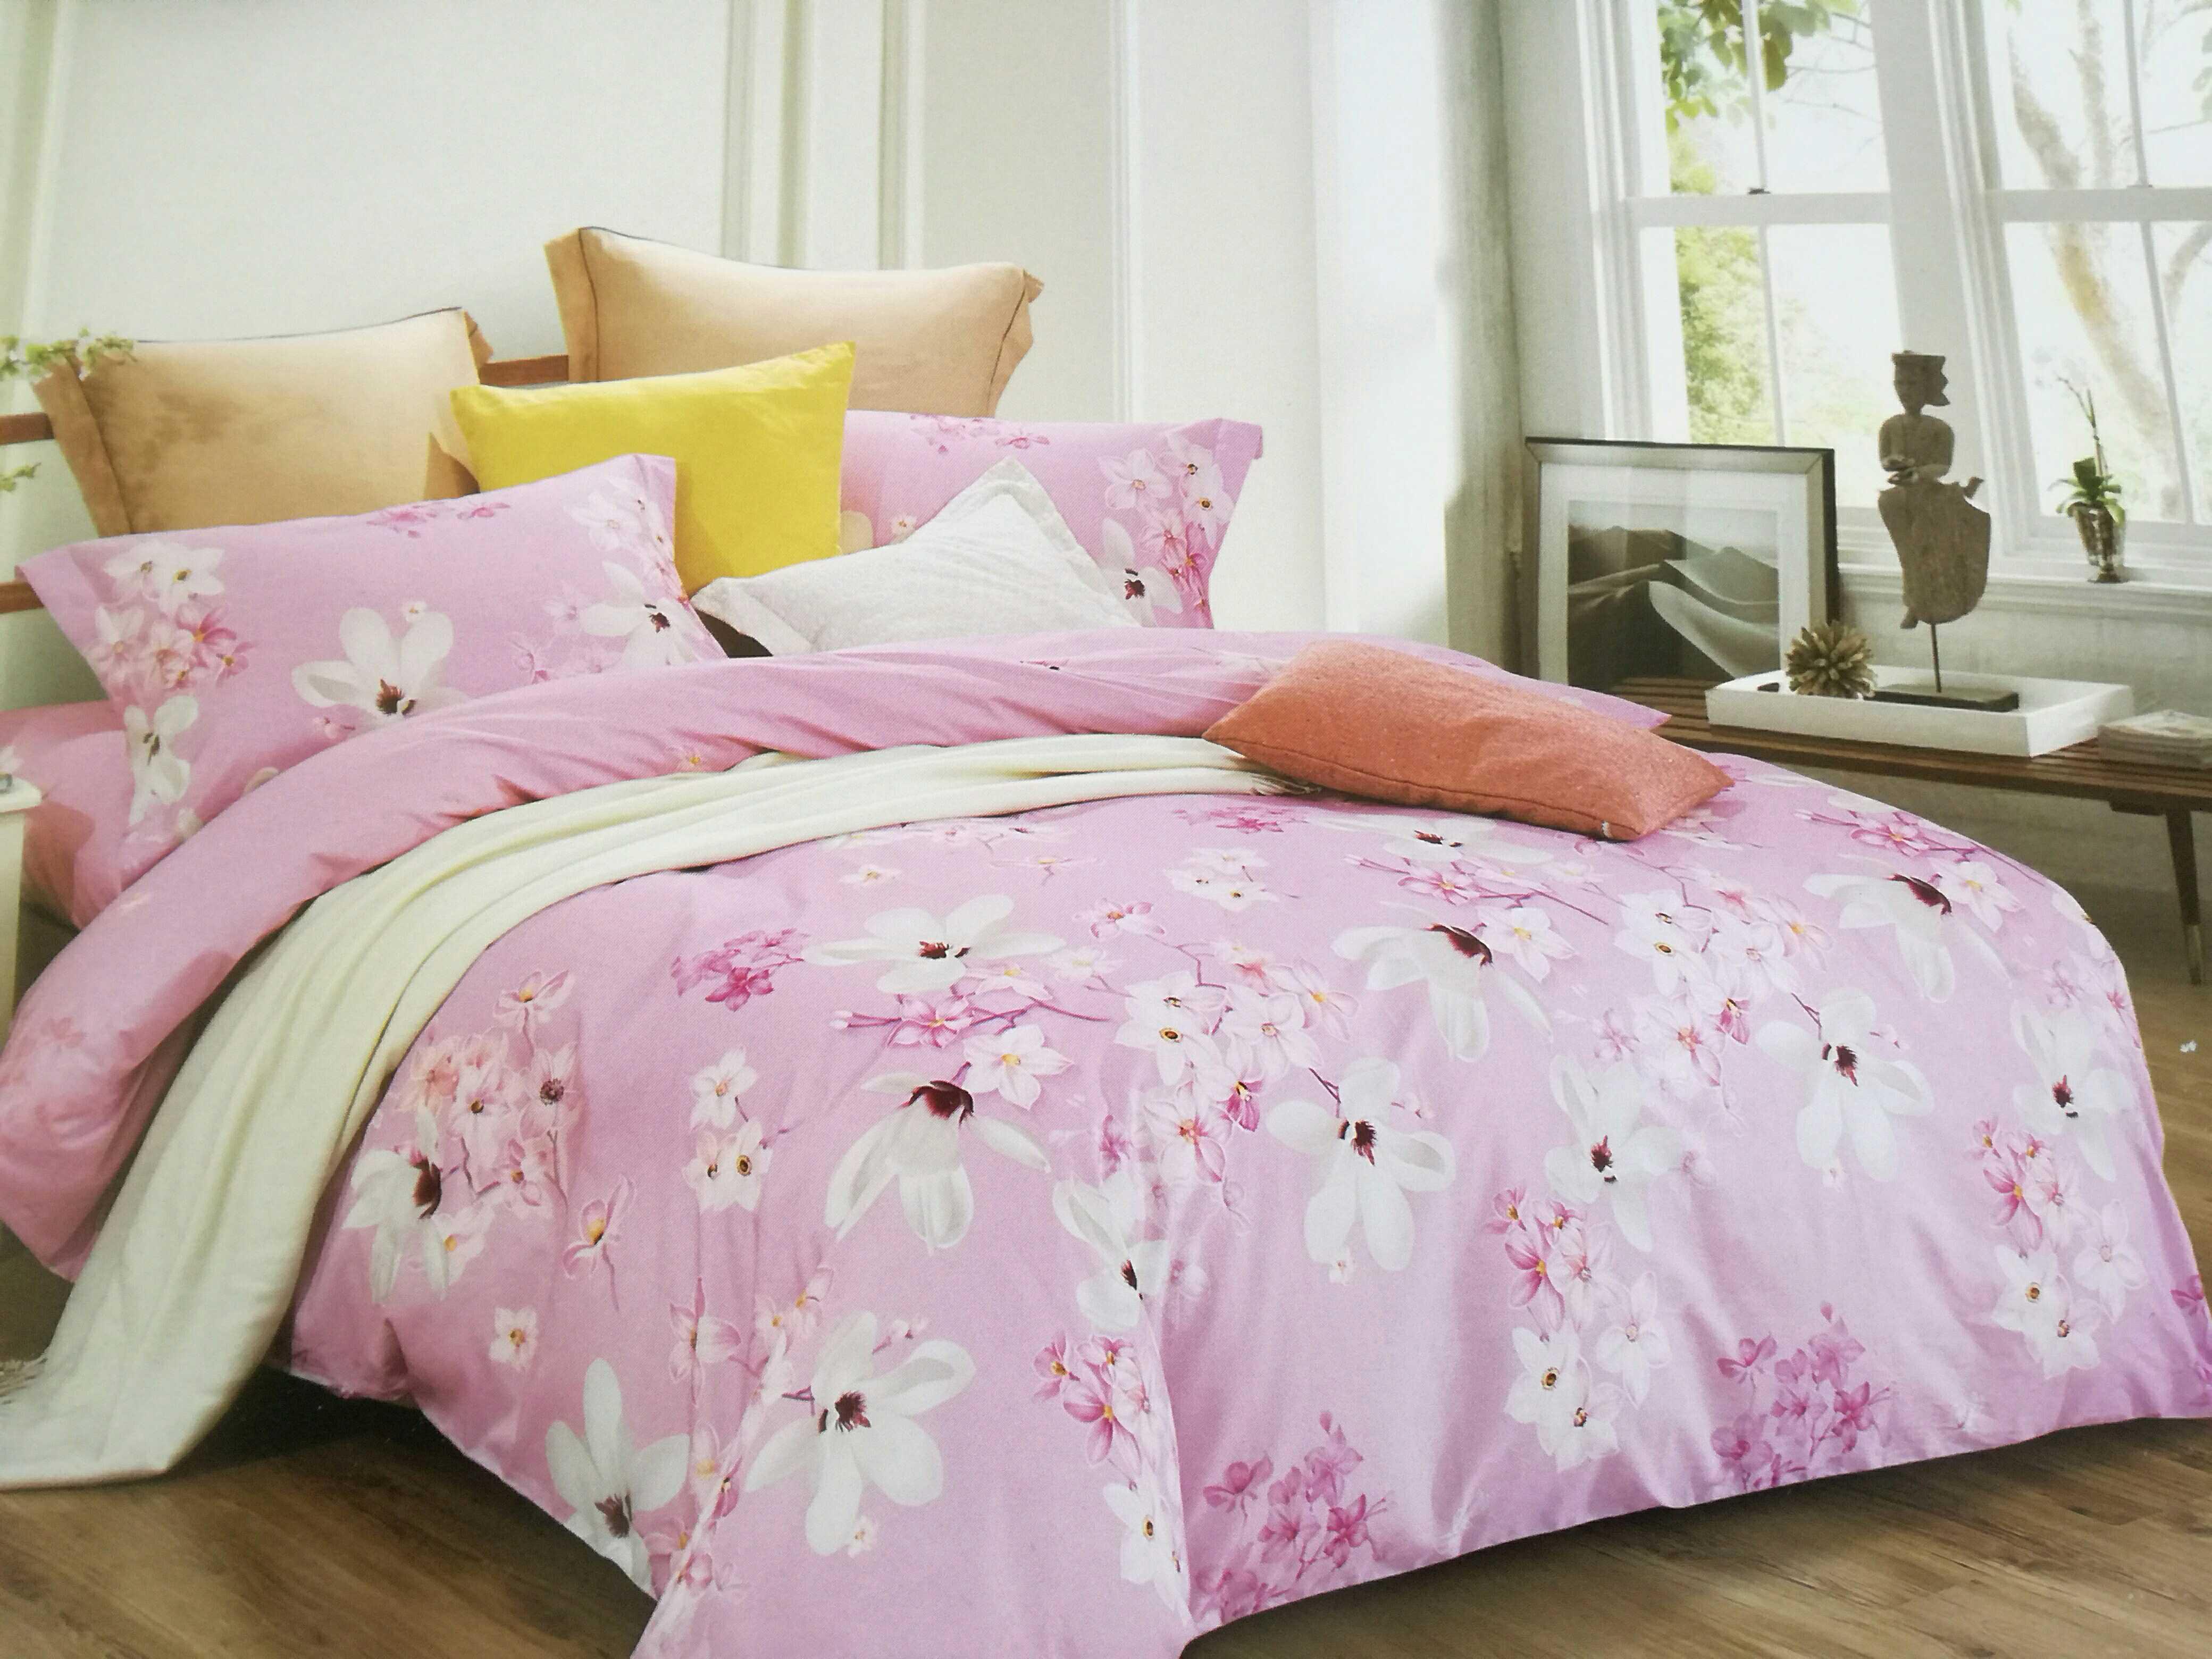 依诗家正品纯棉印花四件套床单四件套1.8米床加大尺寸被罩